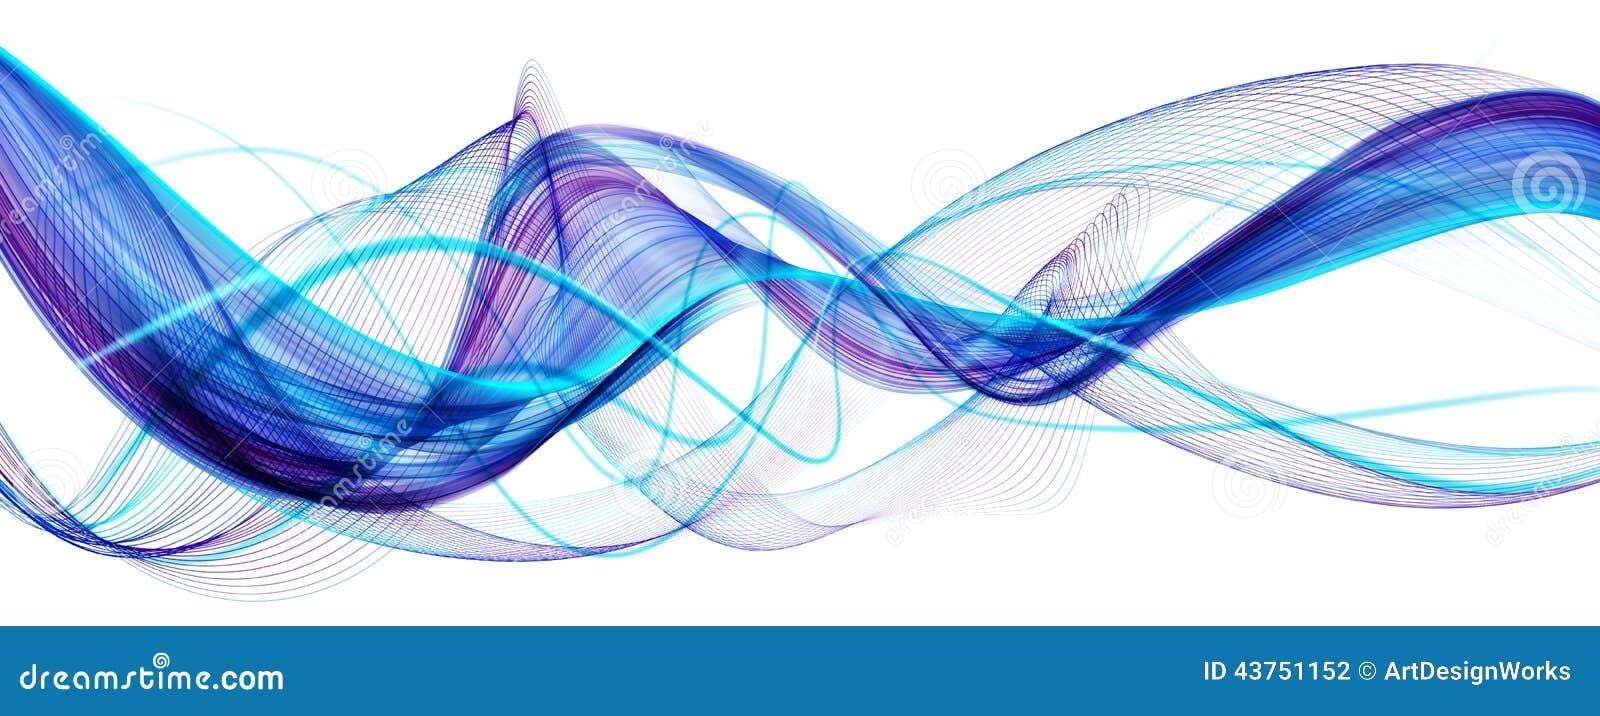 Fondo ondulado moderno abstracto azul